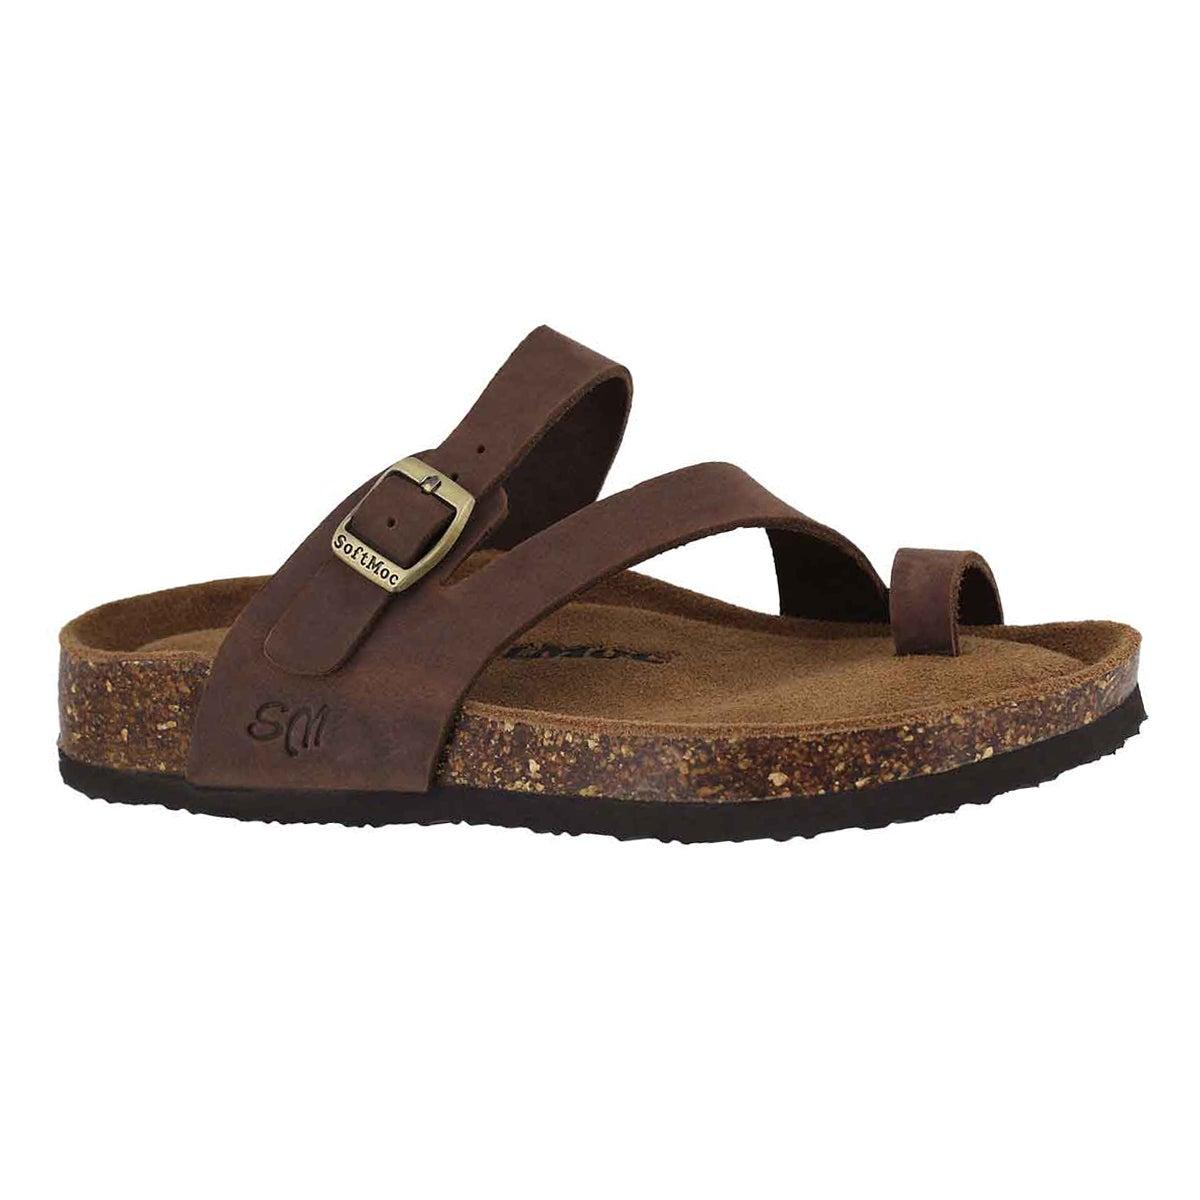 Women's AILEEN 5 brown memory foam sandals